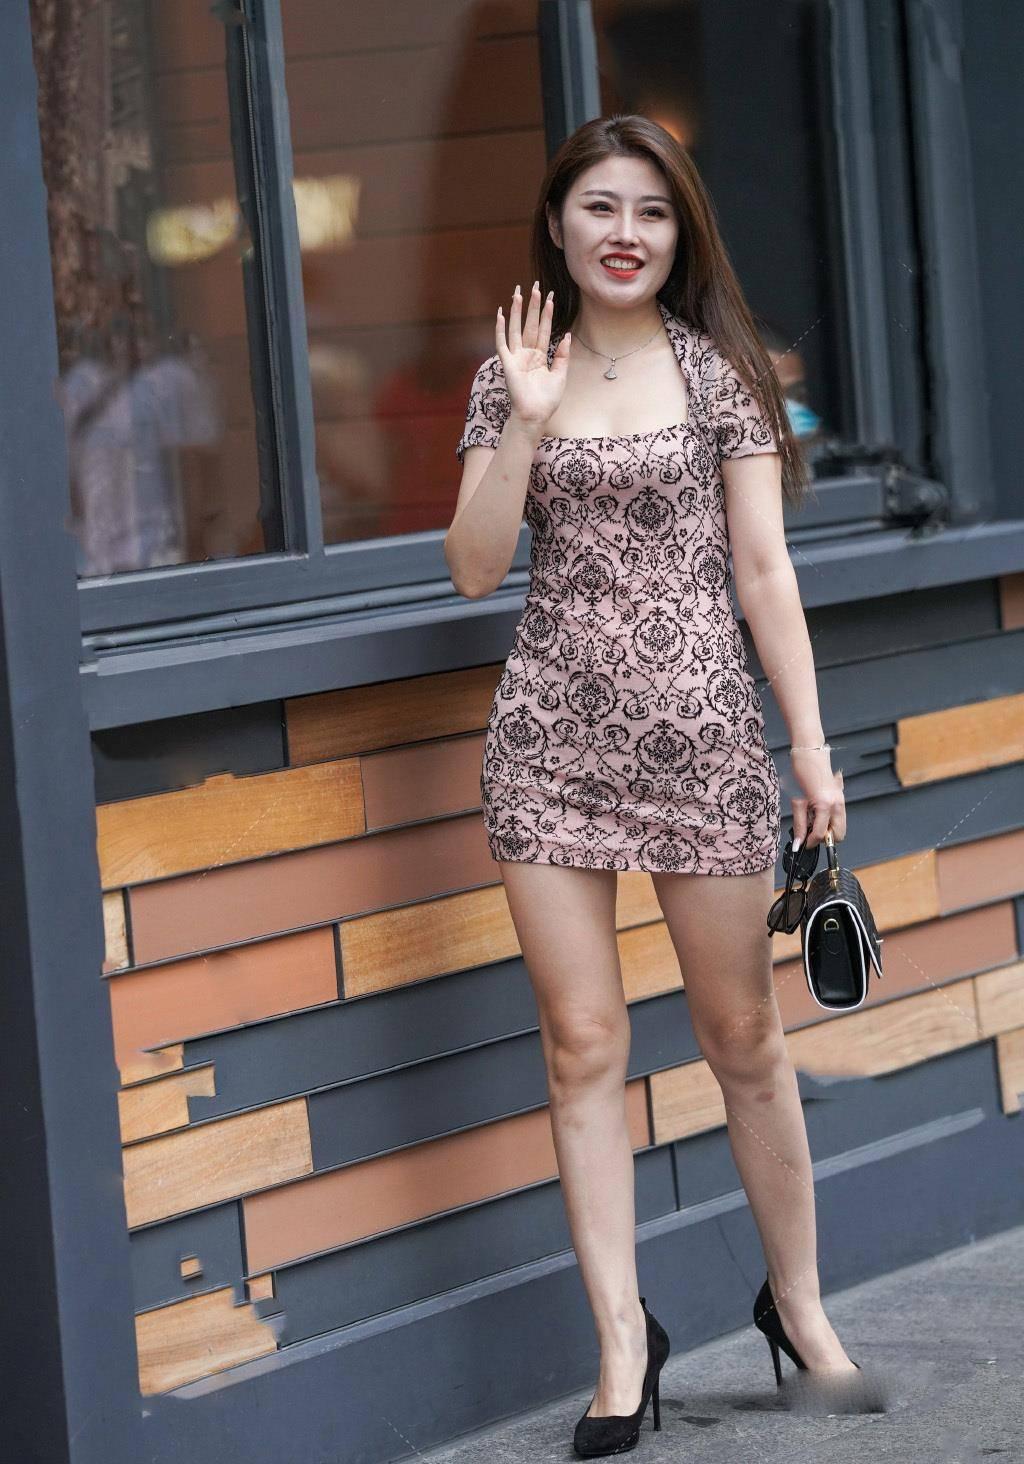 时髦连衣短裙,舒适又不挑身材,气质女生们值得一试